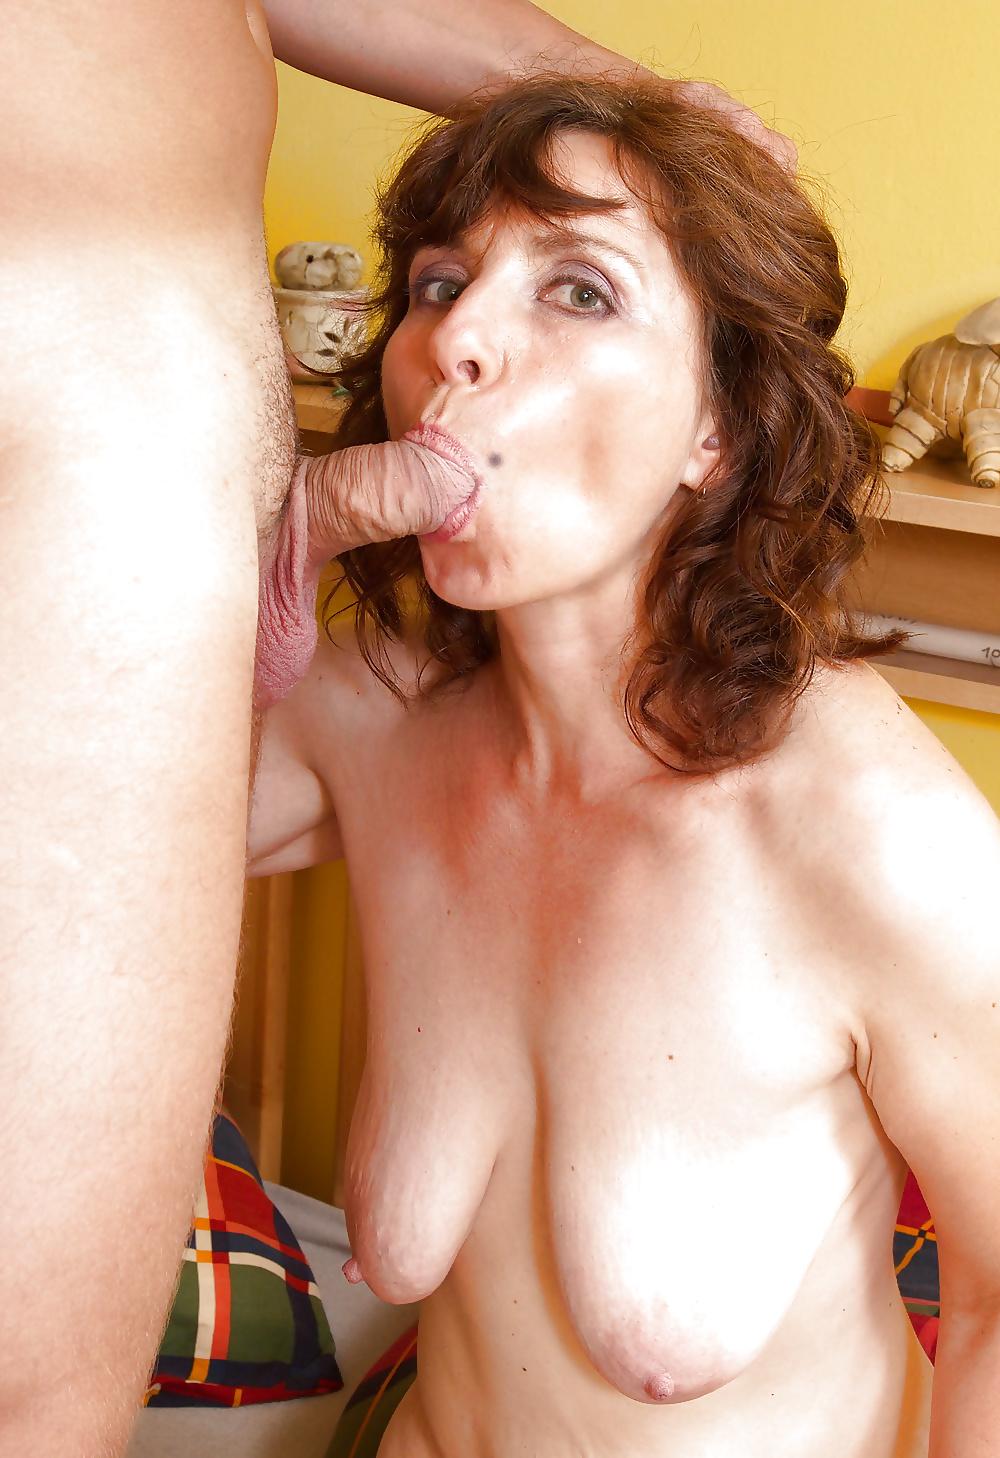 Super saggy tits